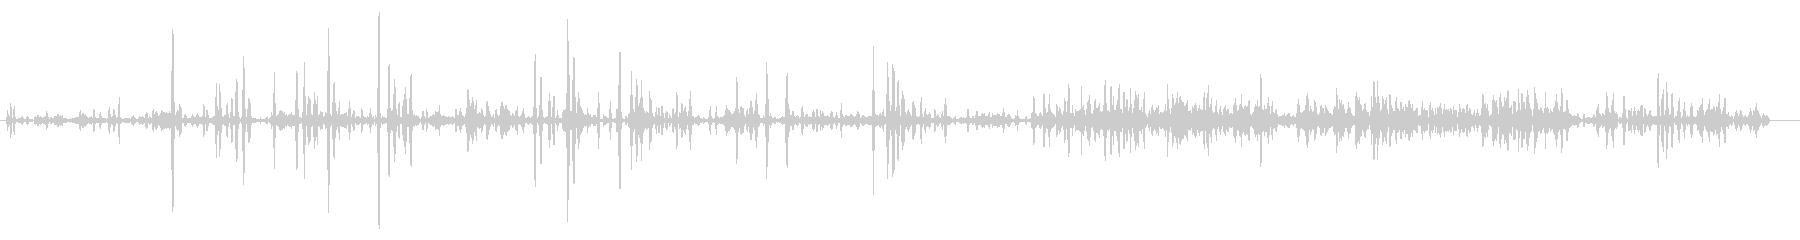 犬-シベリアンハスキー-ハウリチーム1の未再生の波形